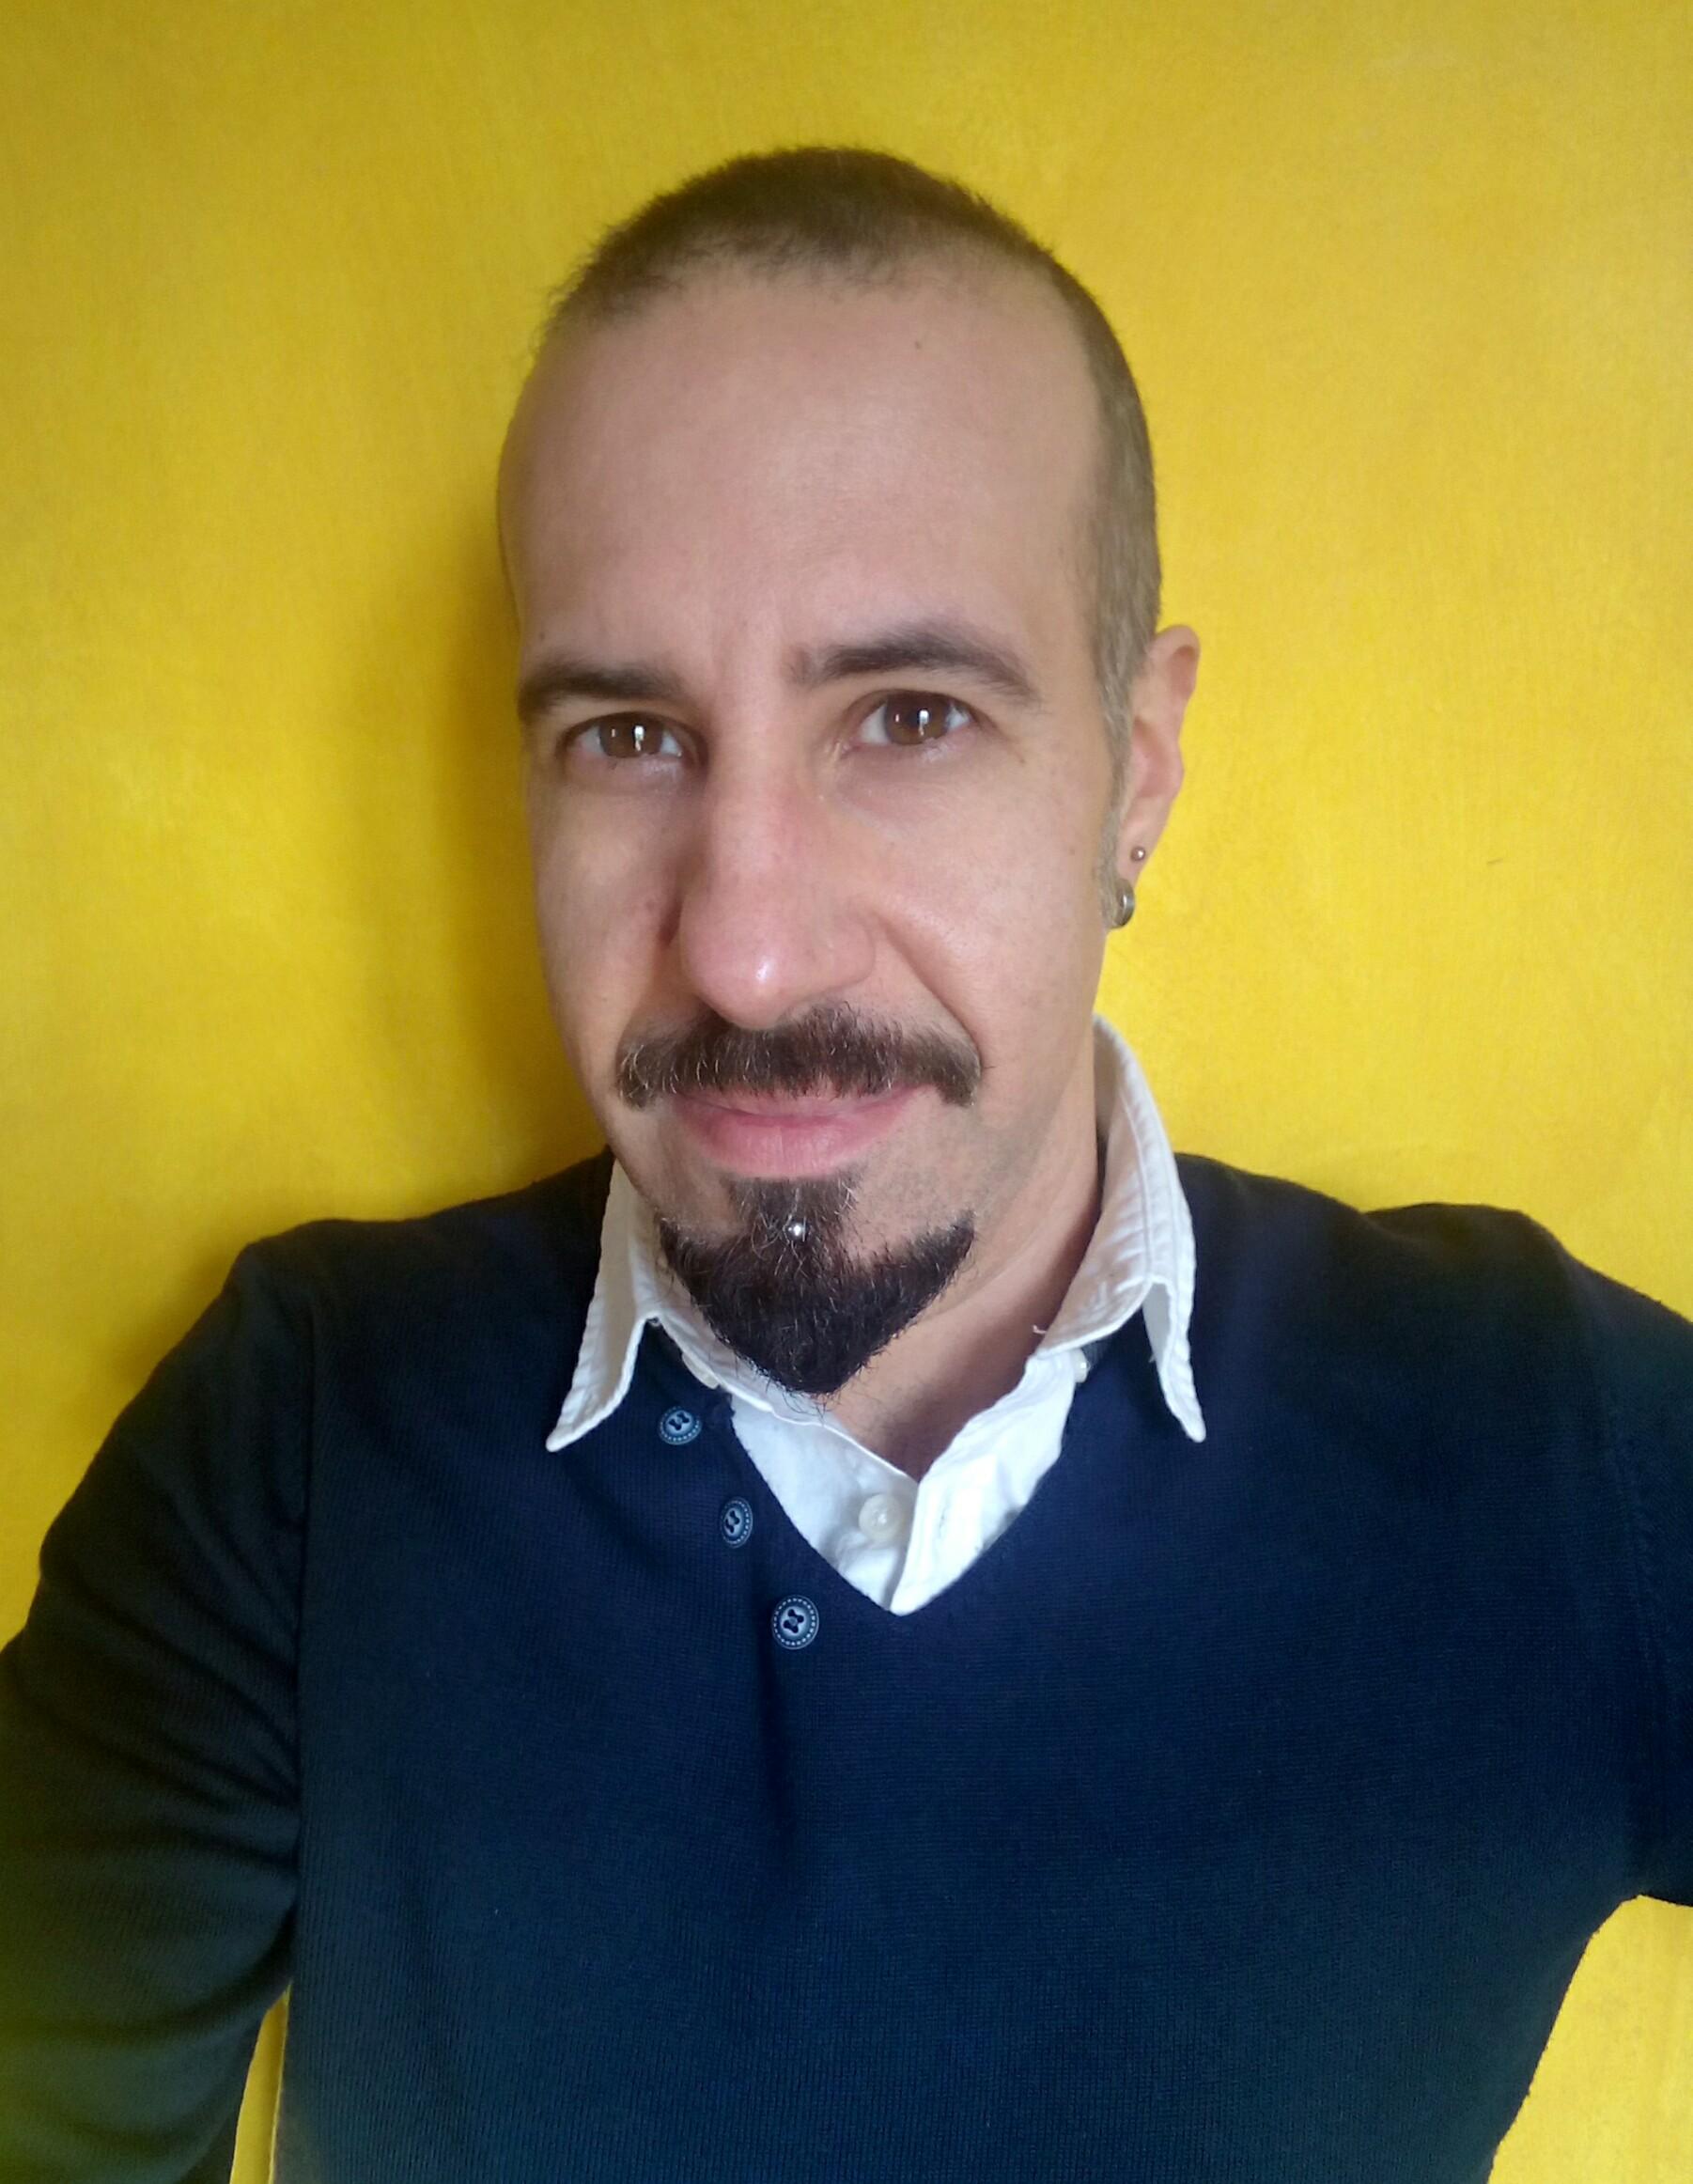 Riccardo Pelle